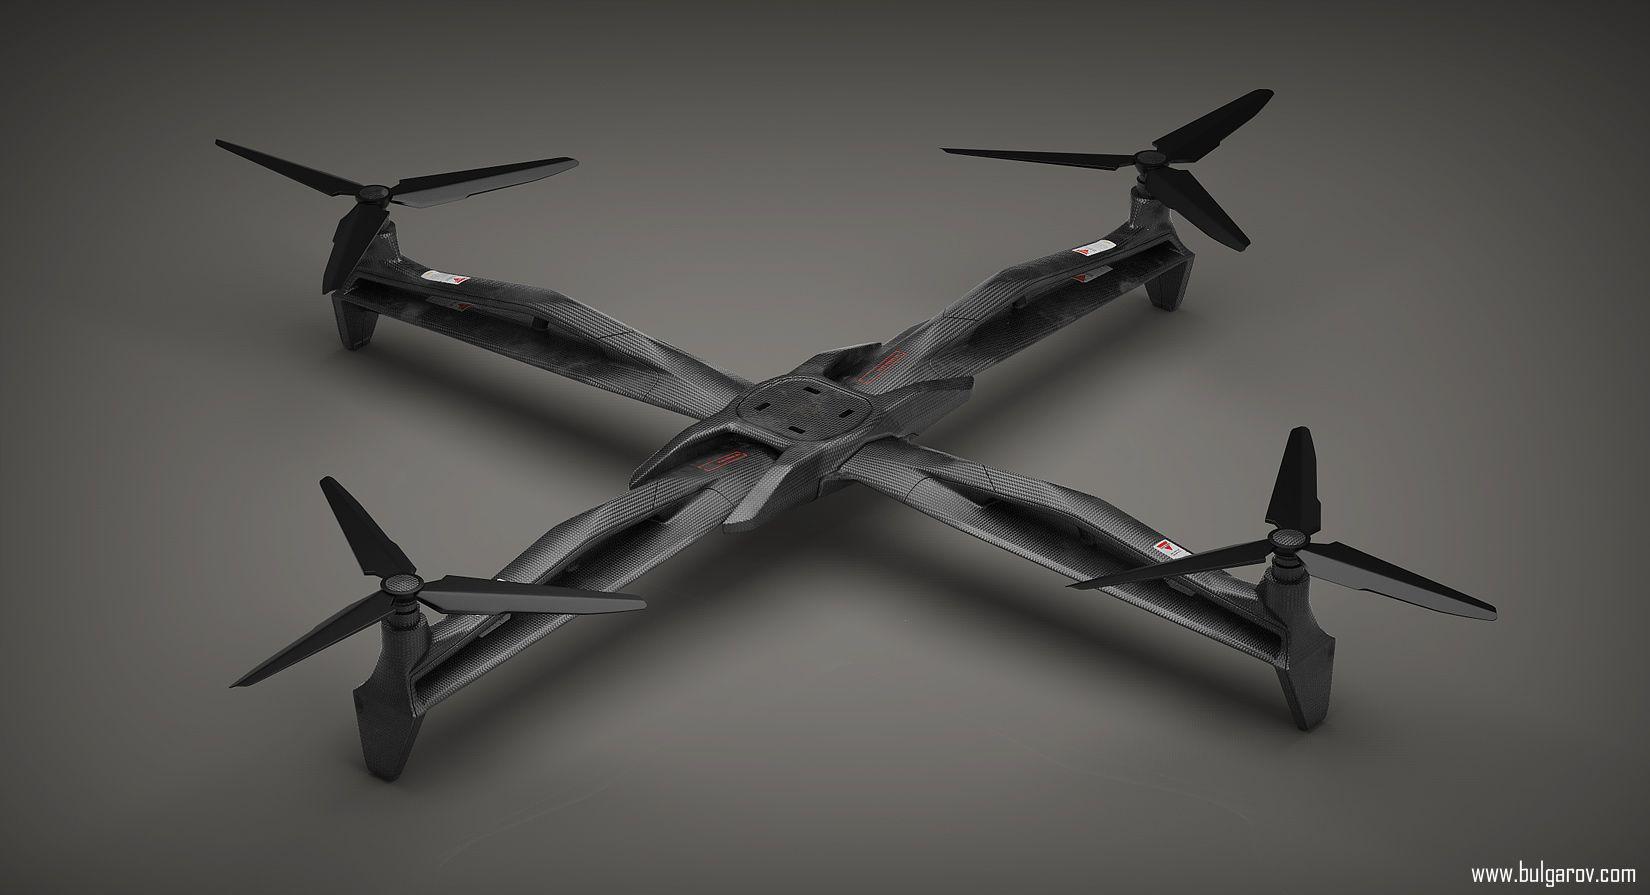 Art of Vitaly Bulgarov | drone | Pinterest